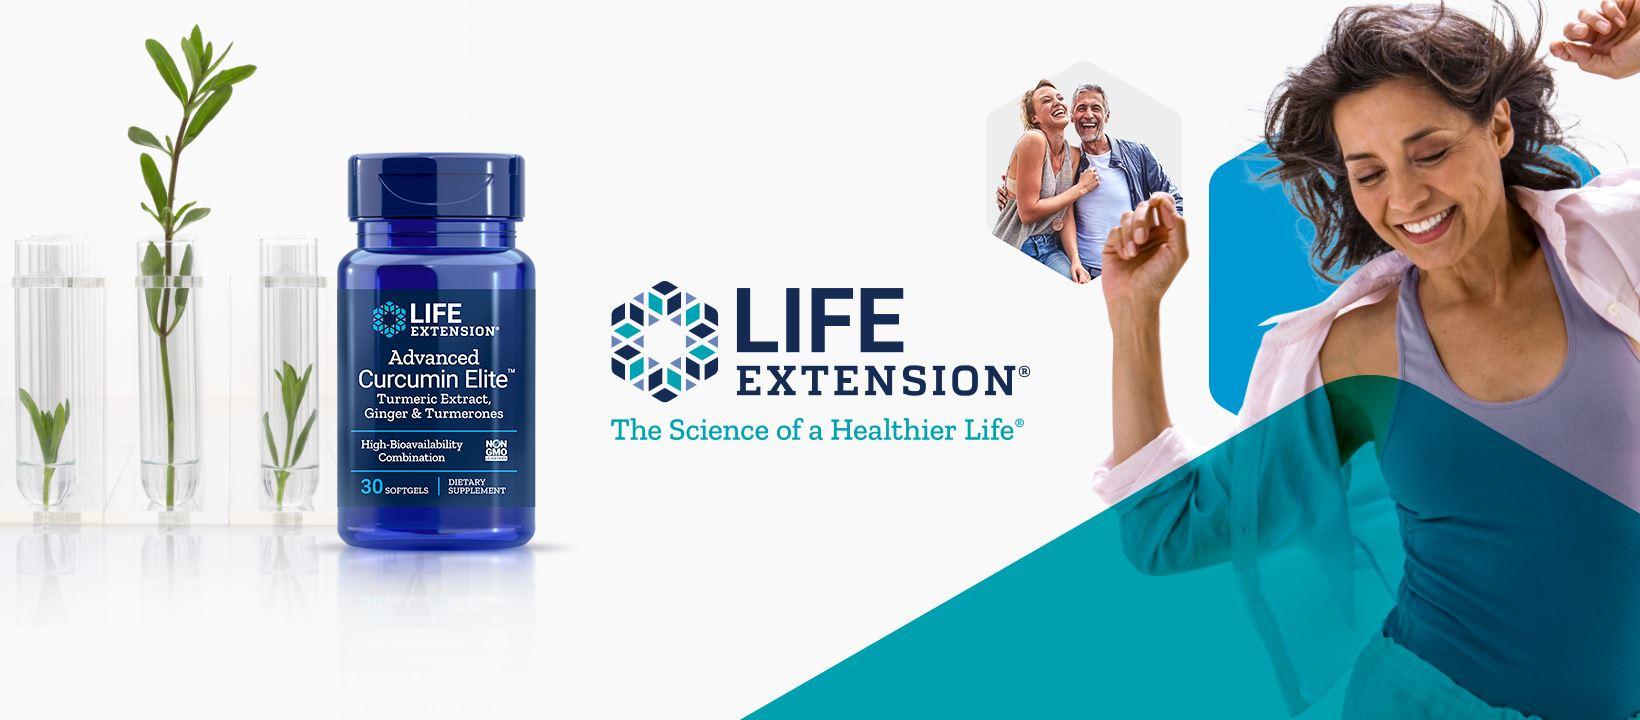 2020最新Life Extension美国官网海淘攻略及转运教程(8%返利+优惠活动)